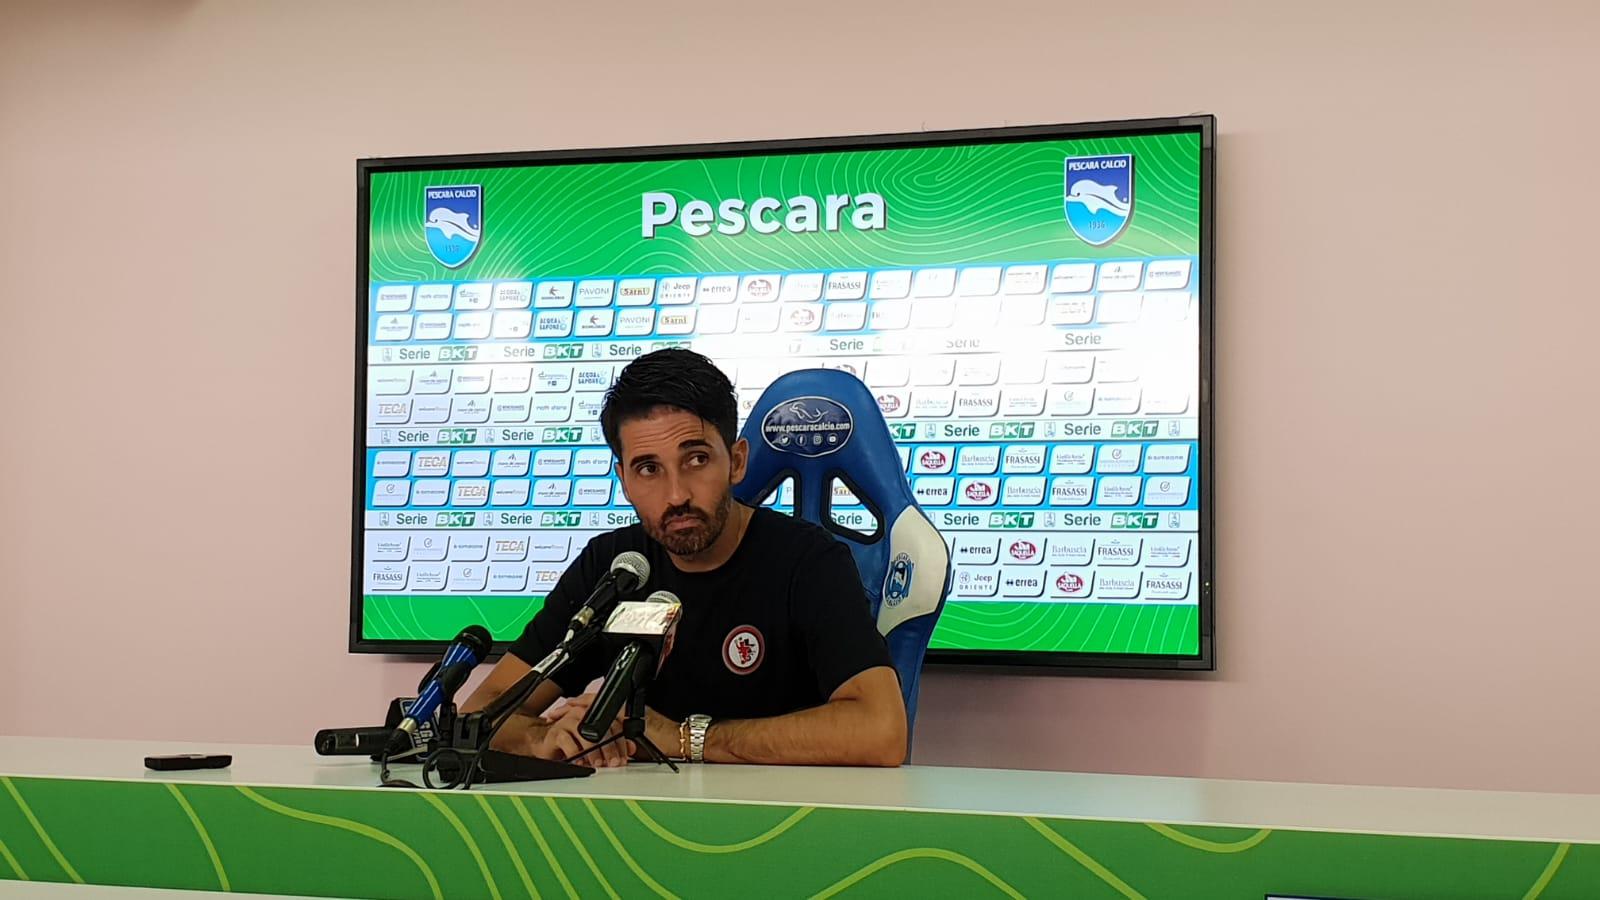 """Photo of Terza sconfitta per il Foggia, a Pescara finisce 1-0. Grassadonia: """"Abbiamo bisogno del supporto dei tifosi, ne usciremo. Mercoledì toccherà fare punti"""""""